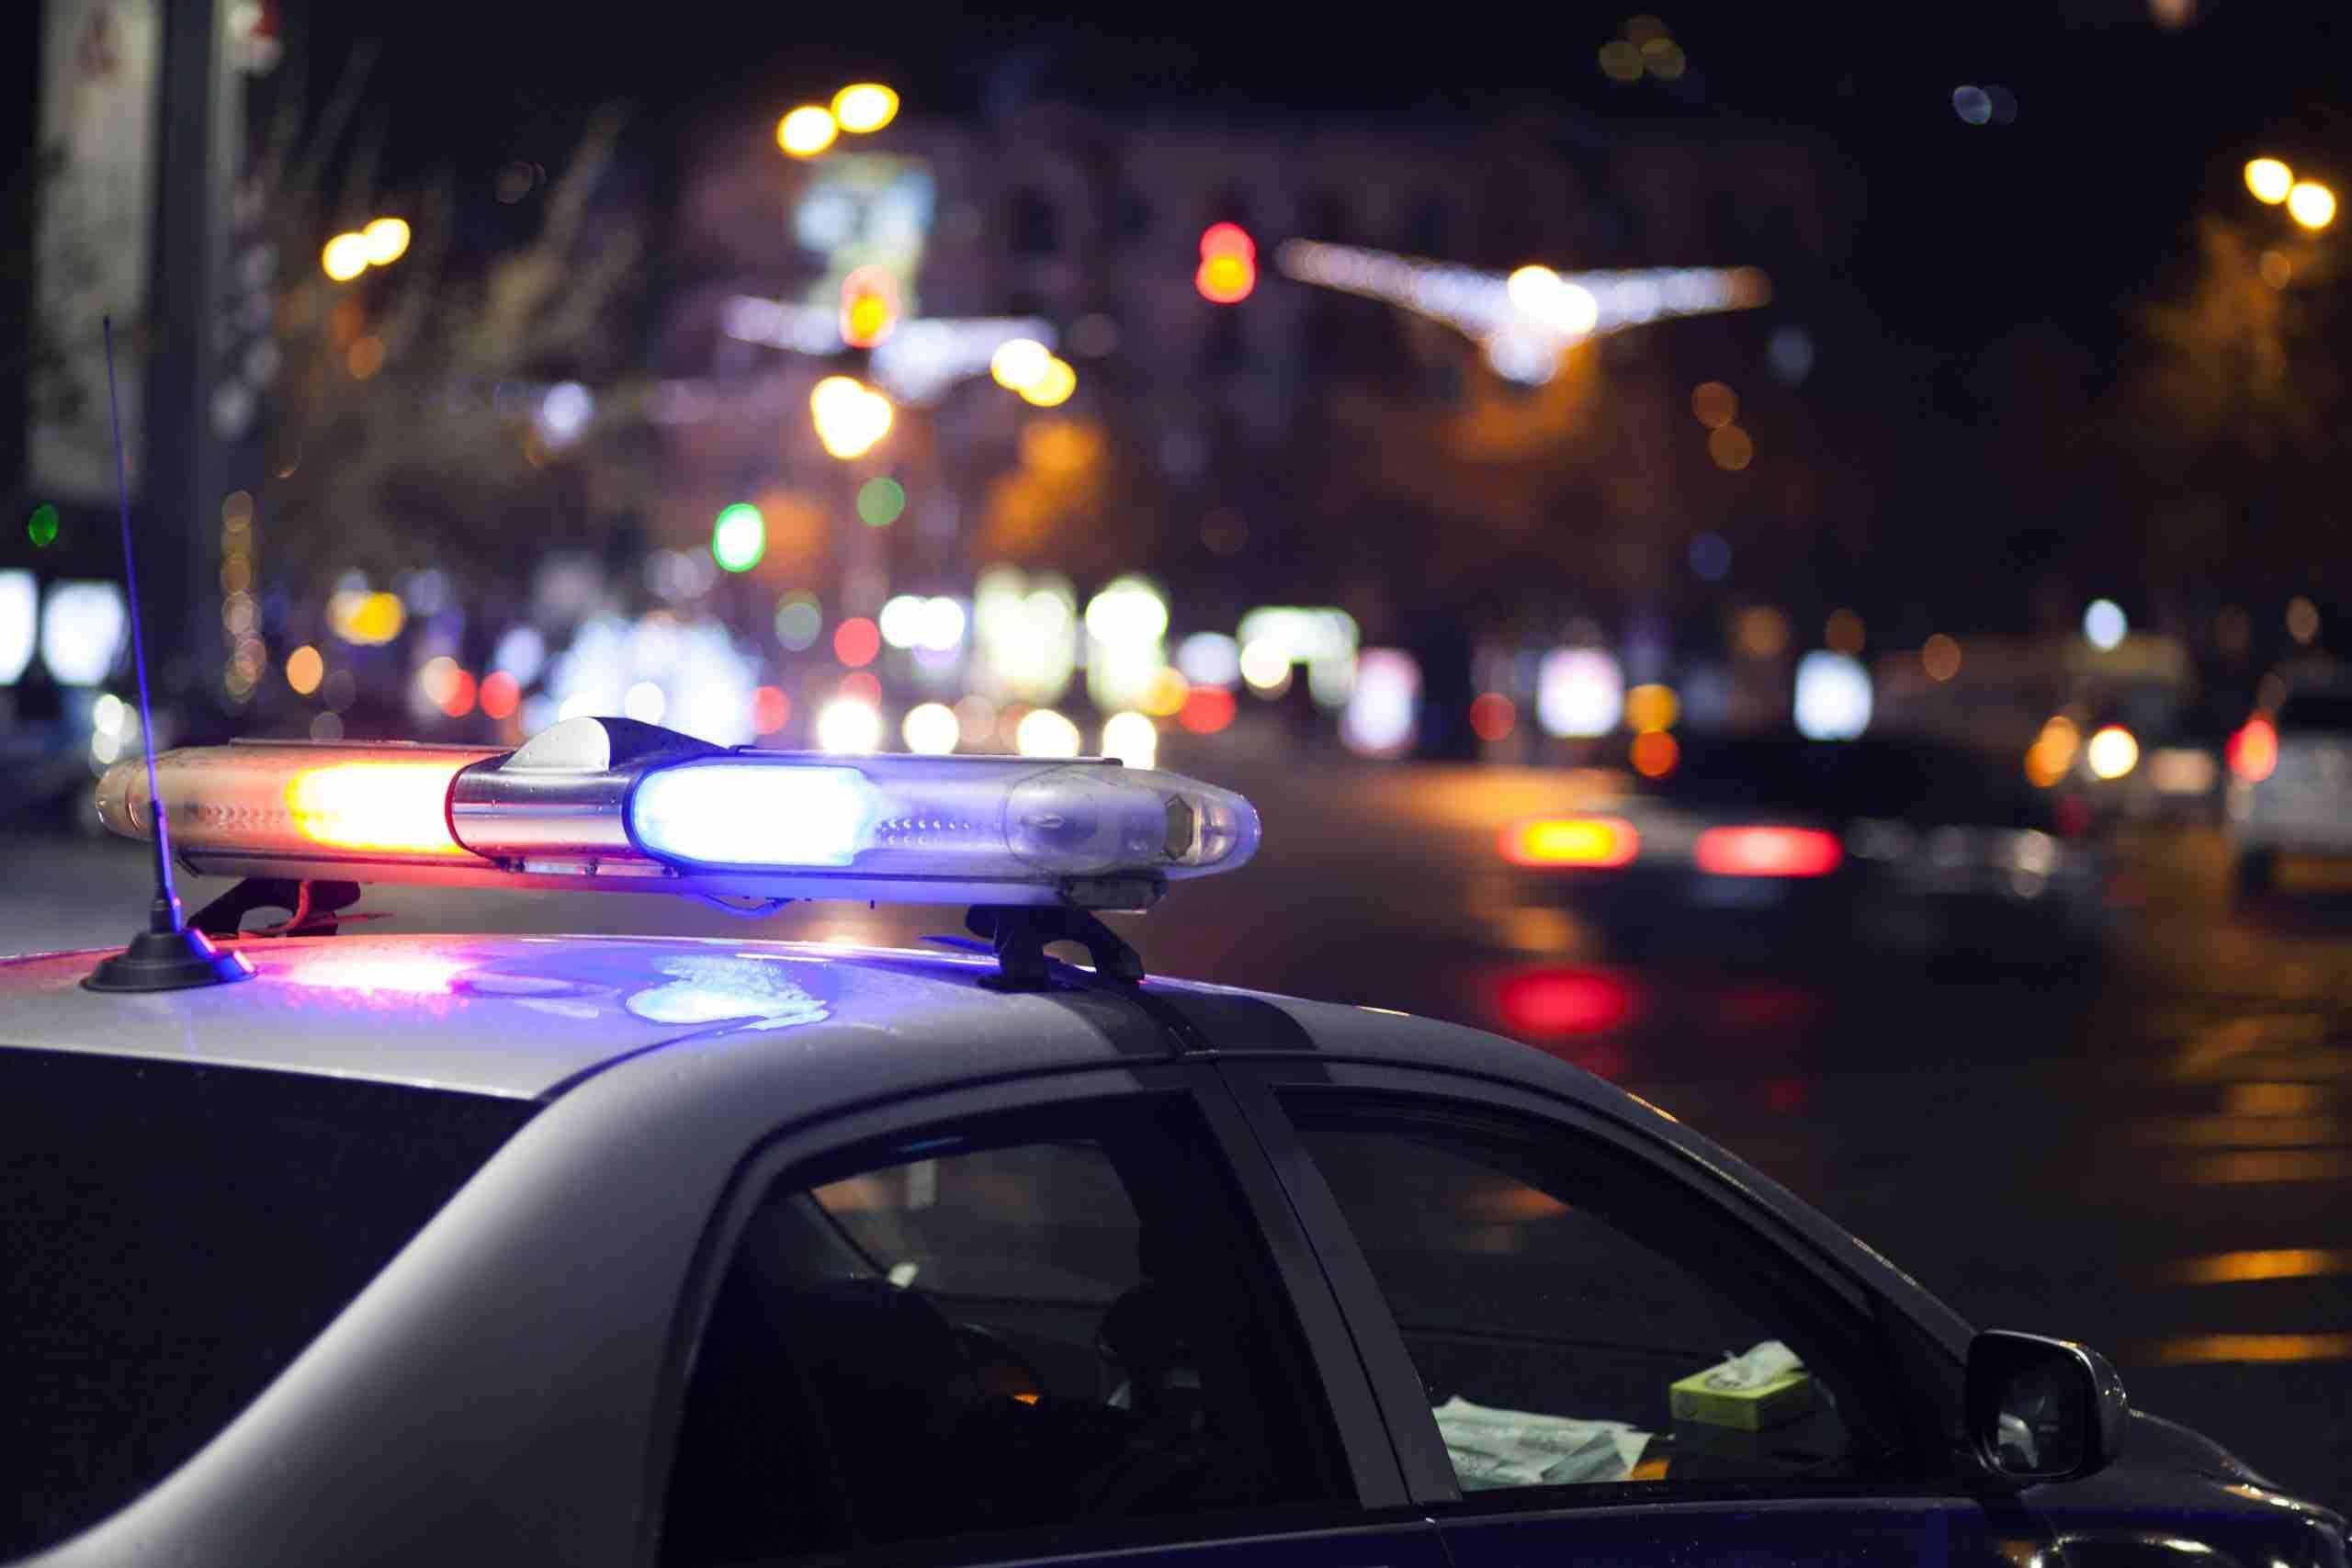 policia y restricciones 2020 movilidad